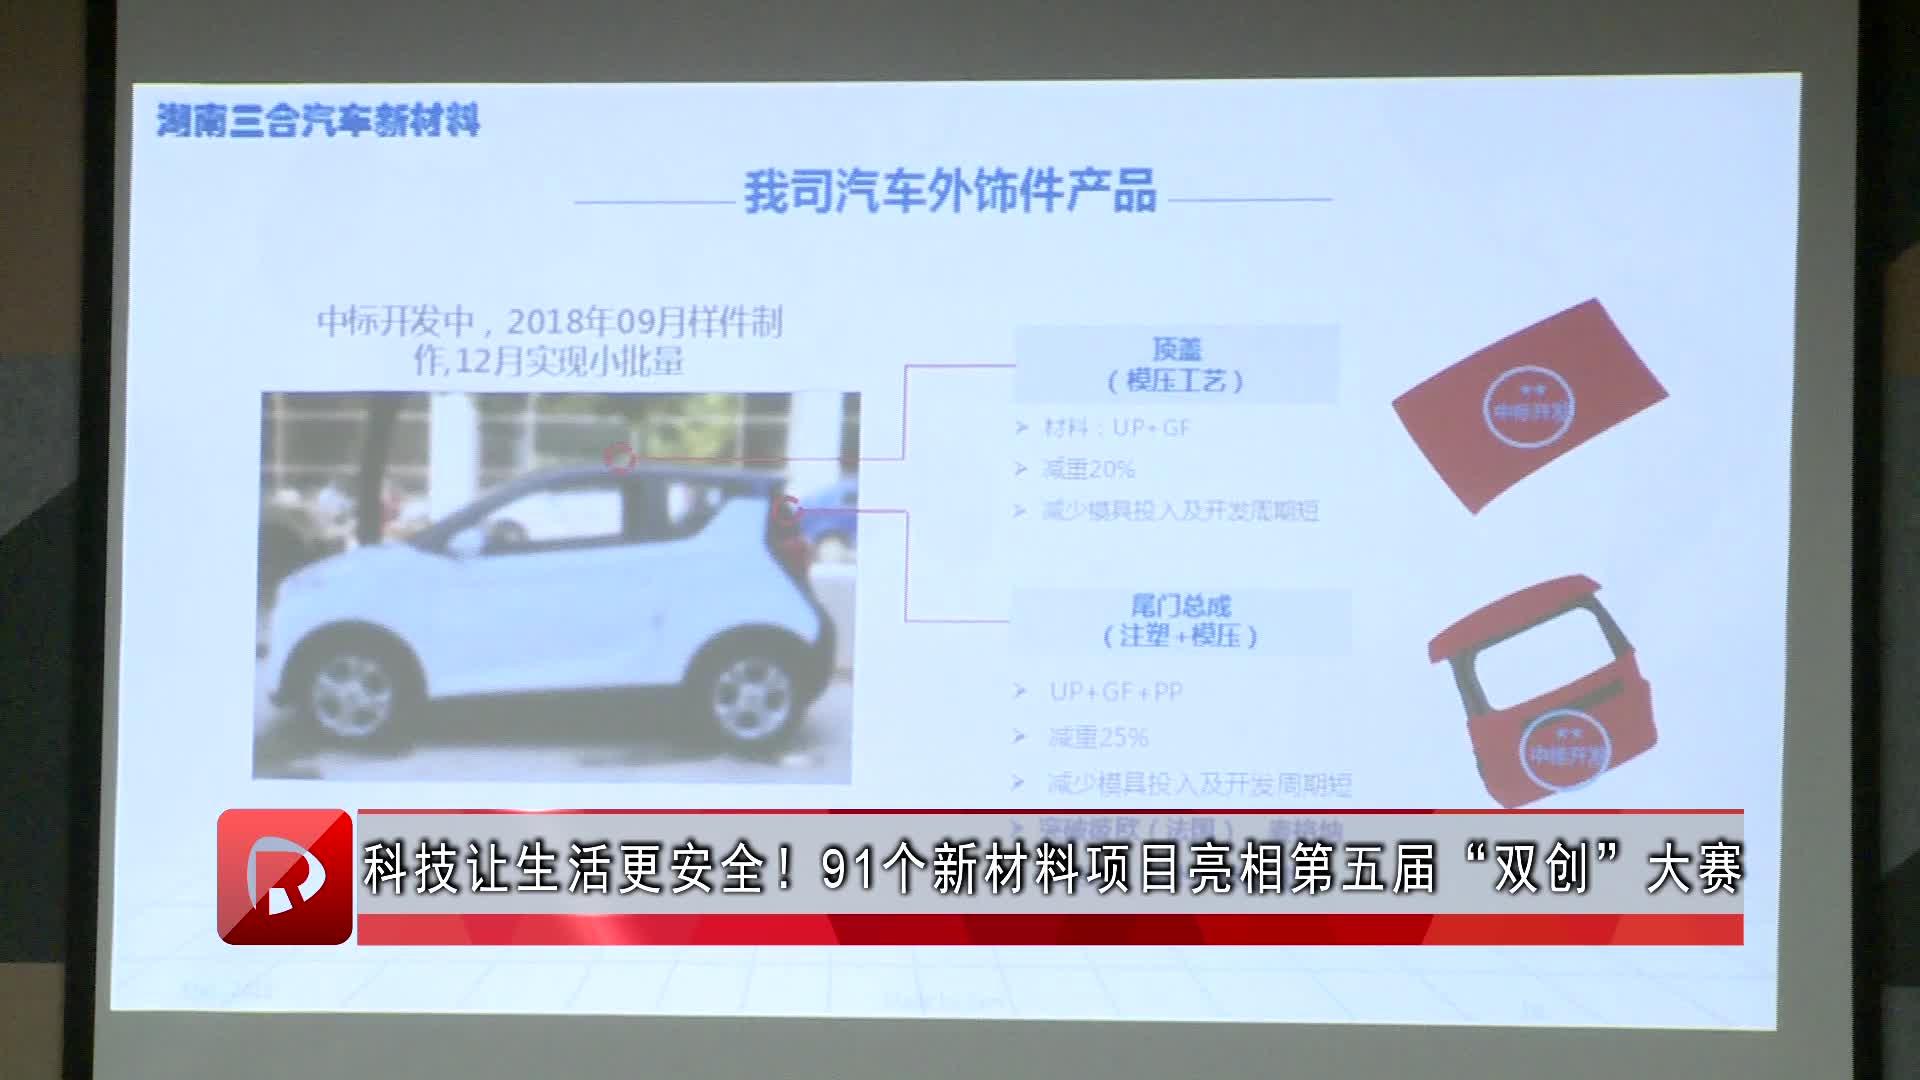 """科技让生活更安全!91个新材料项目亮相第五届""""双创""""大赛"""